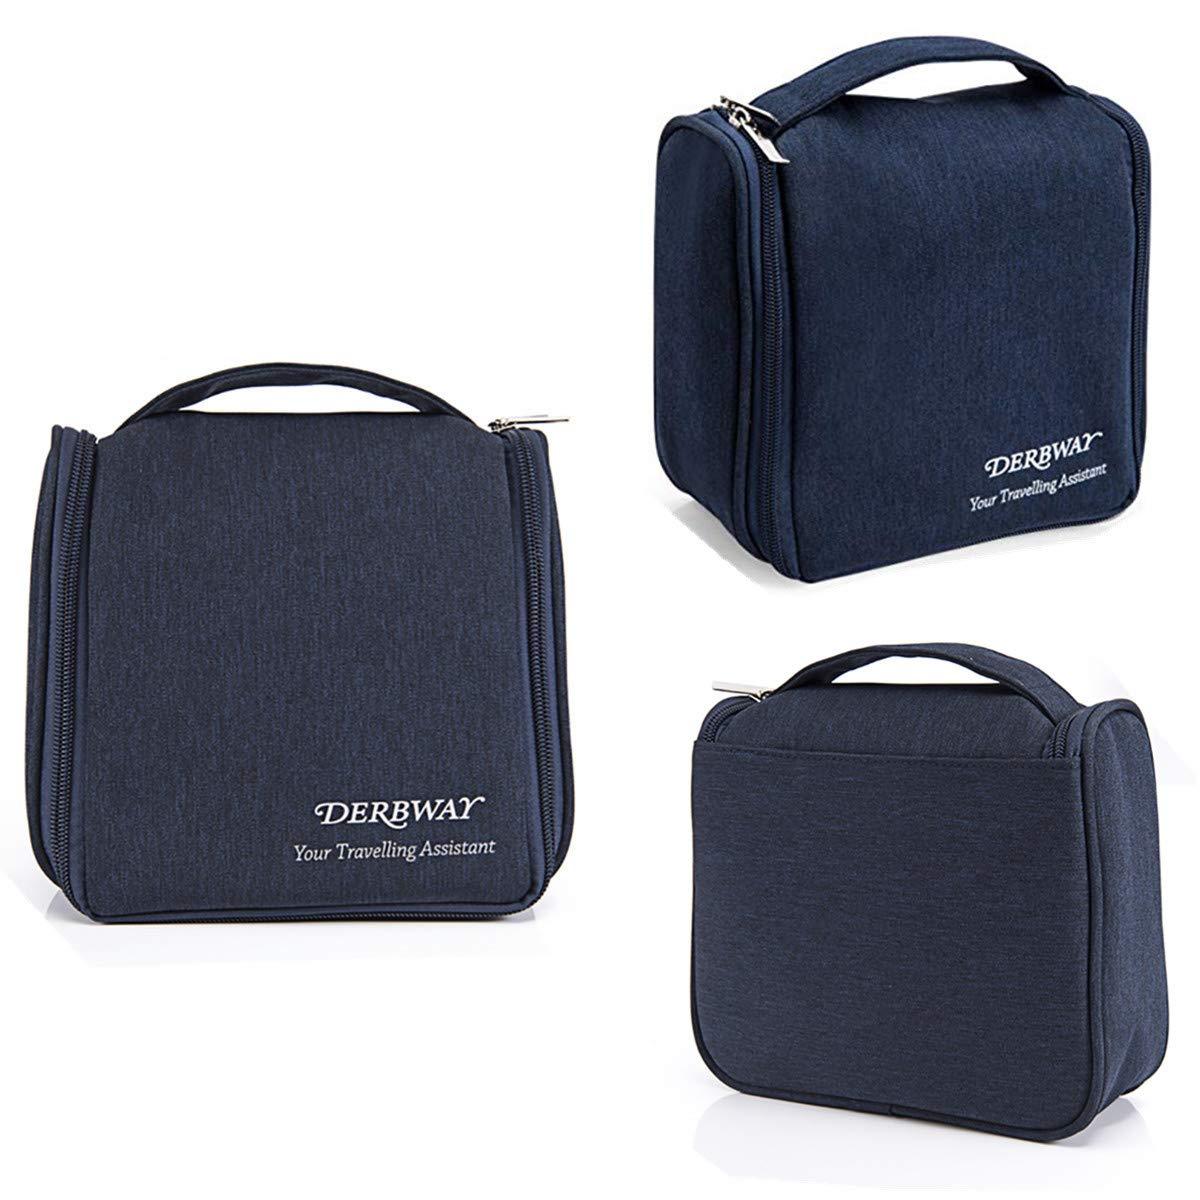 Bolsas de Aseo,gancho colgante bolso de tocador,Cosméticos Neceser de Viaje Impermeable y Plegable Multifuncional Viaje,Multi-bolsillo Neceser colgante,17*8*21cm ,Azul Oscuro